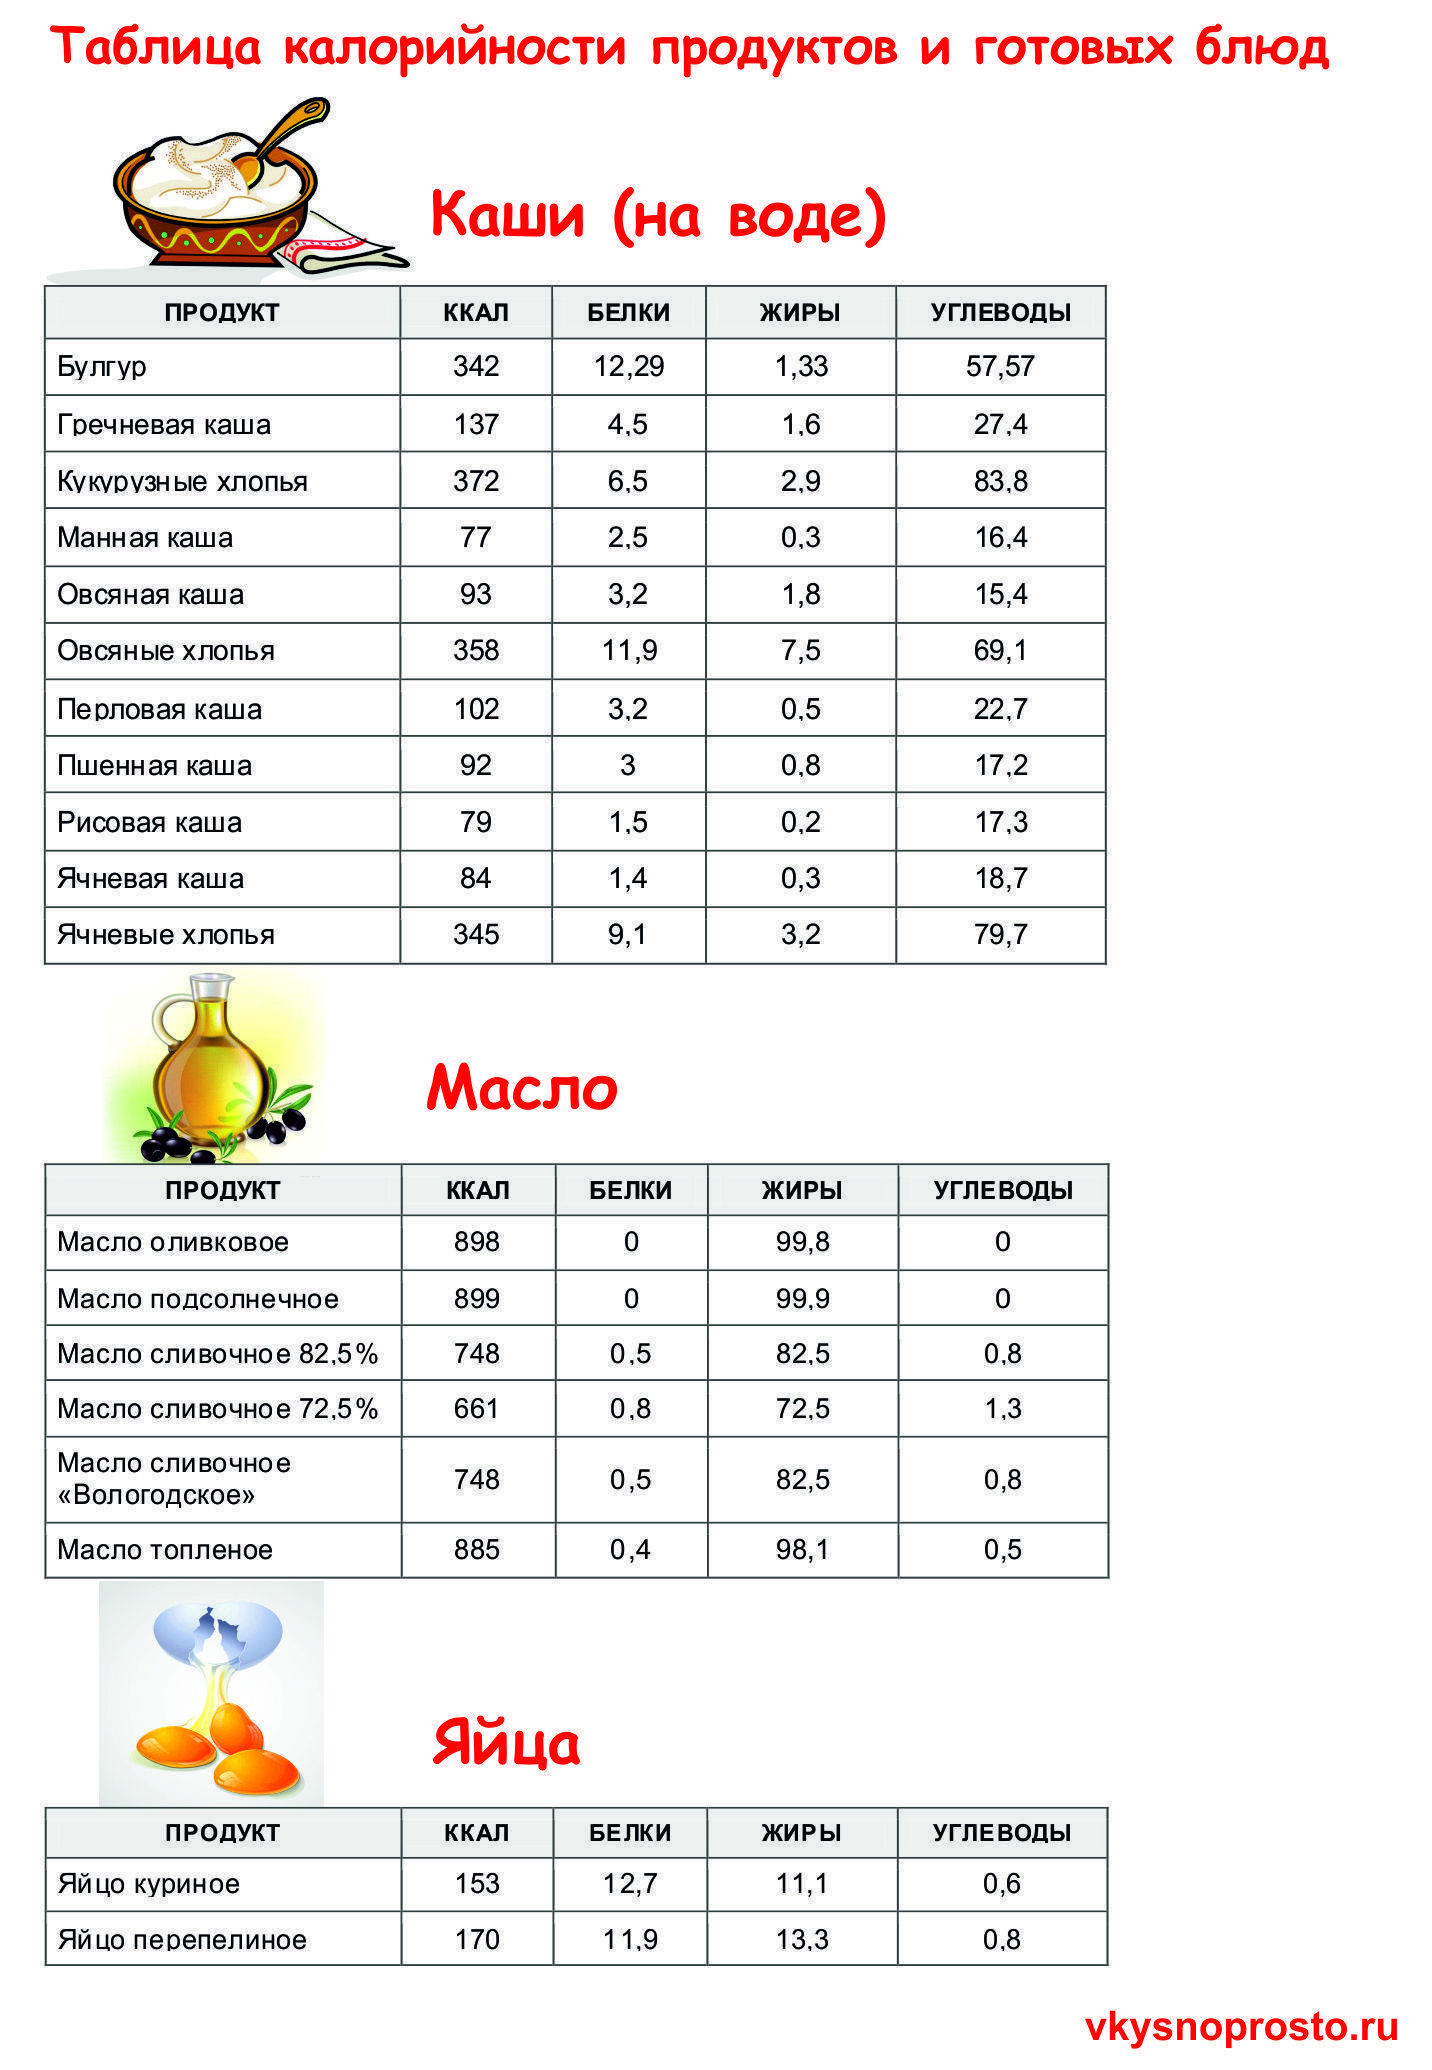 Таблица калорийности – скачать.